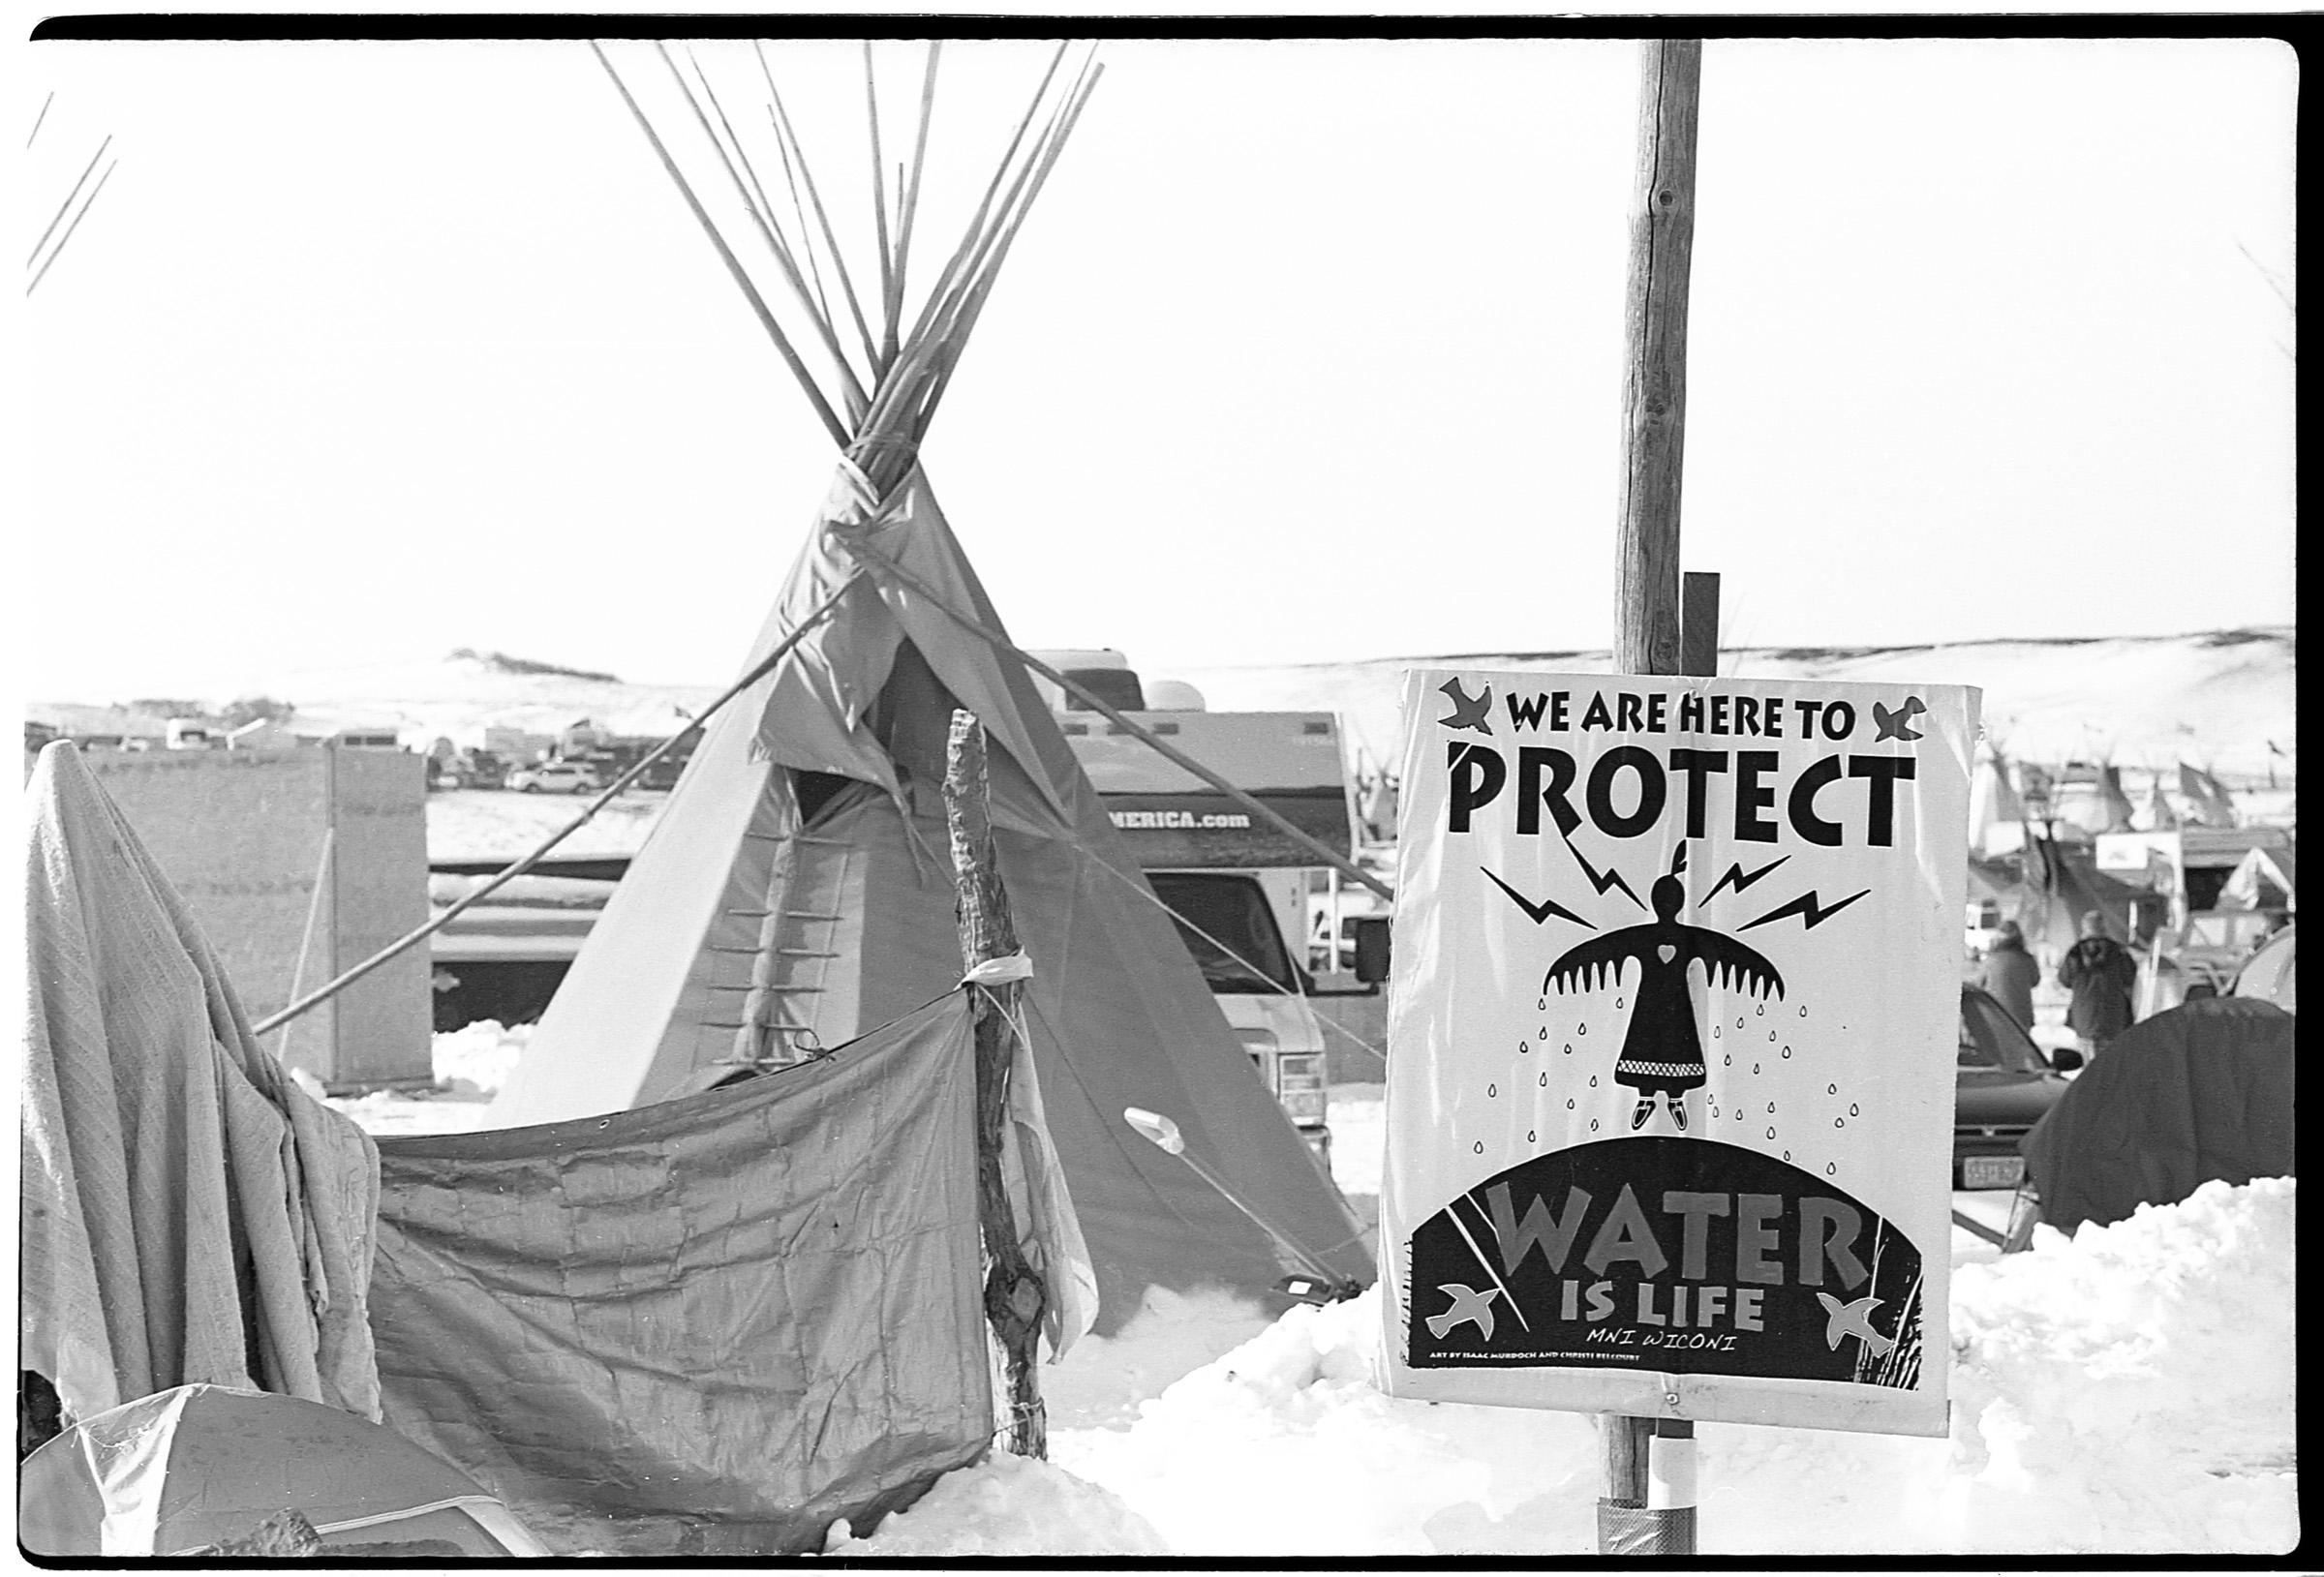 Standing Rock021 as Smart Object-1.jpg